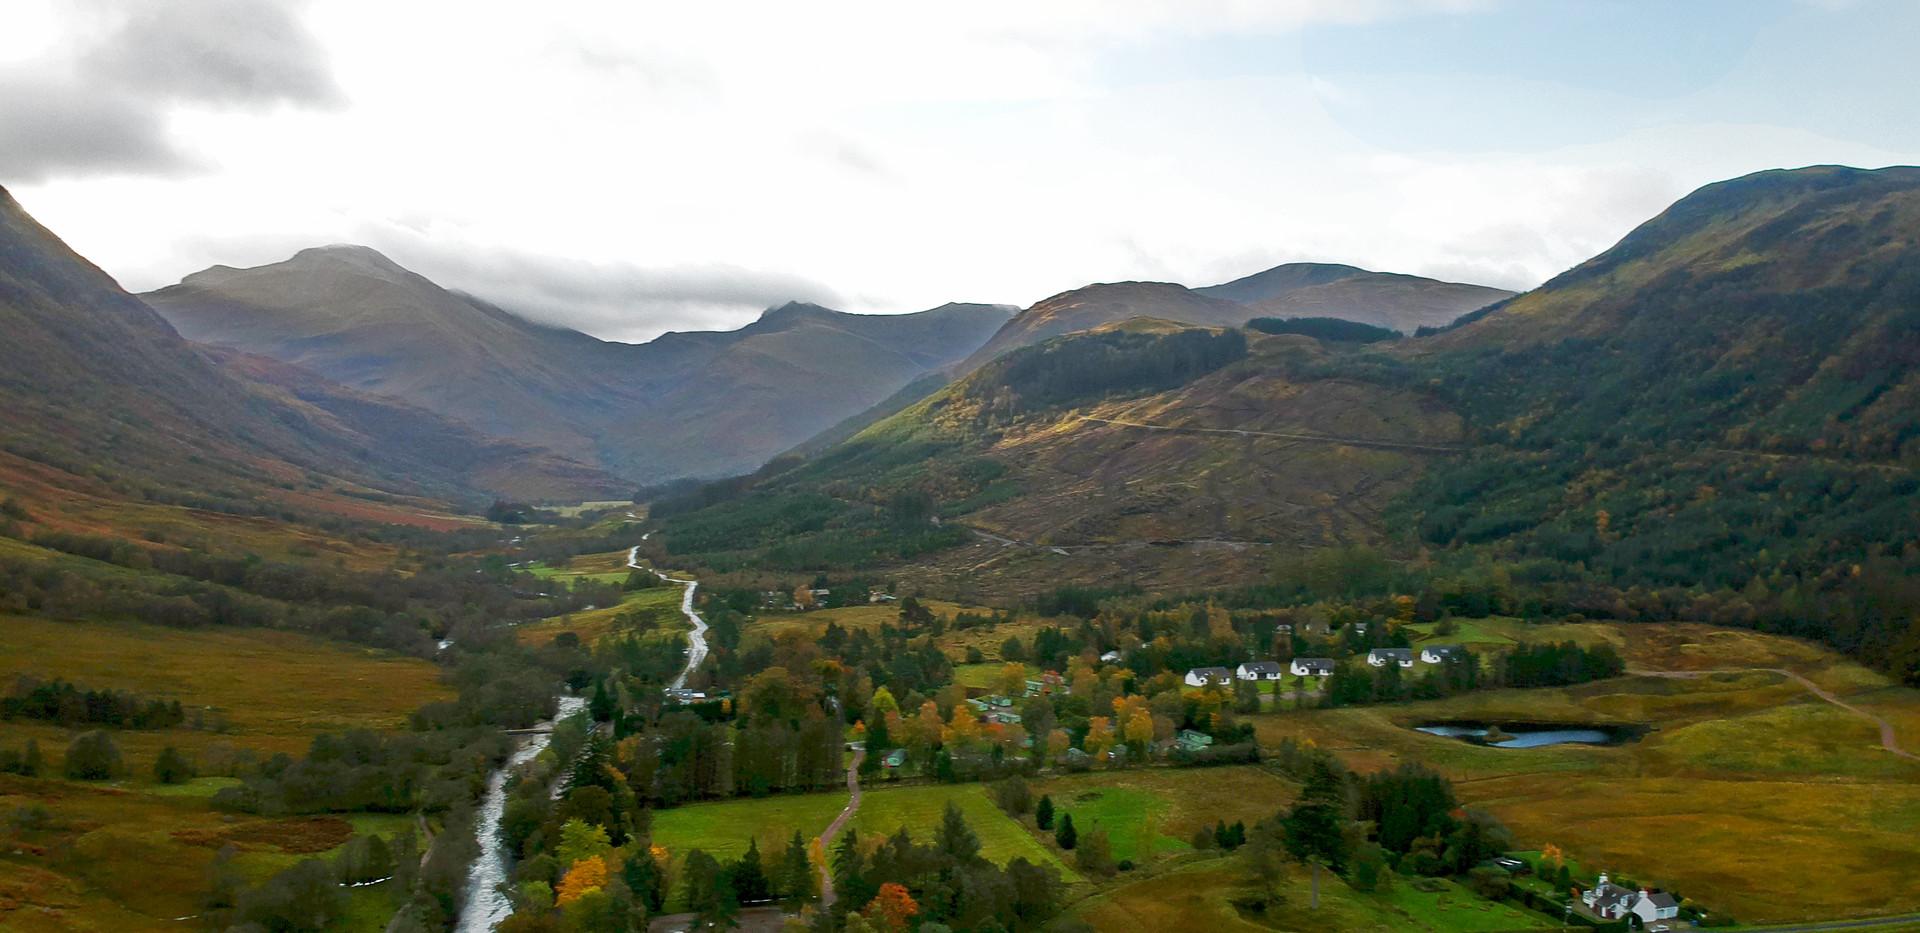 Drone photos of Ben Nevis valley